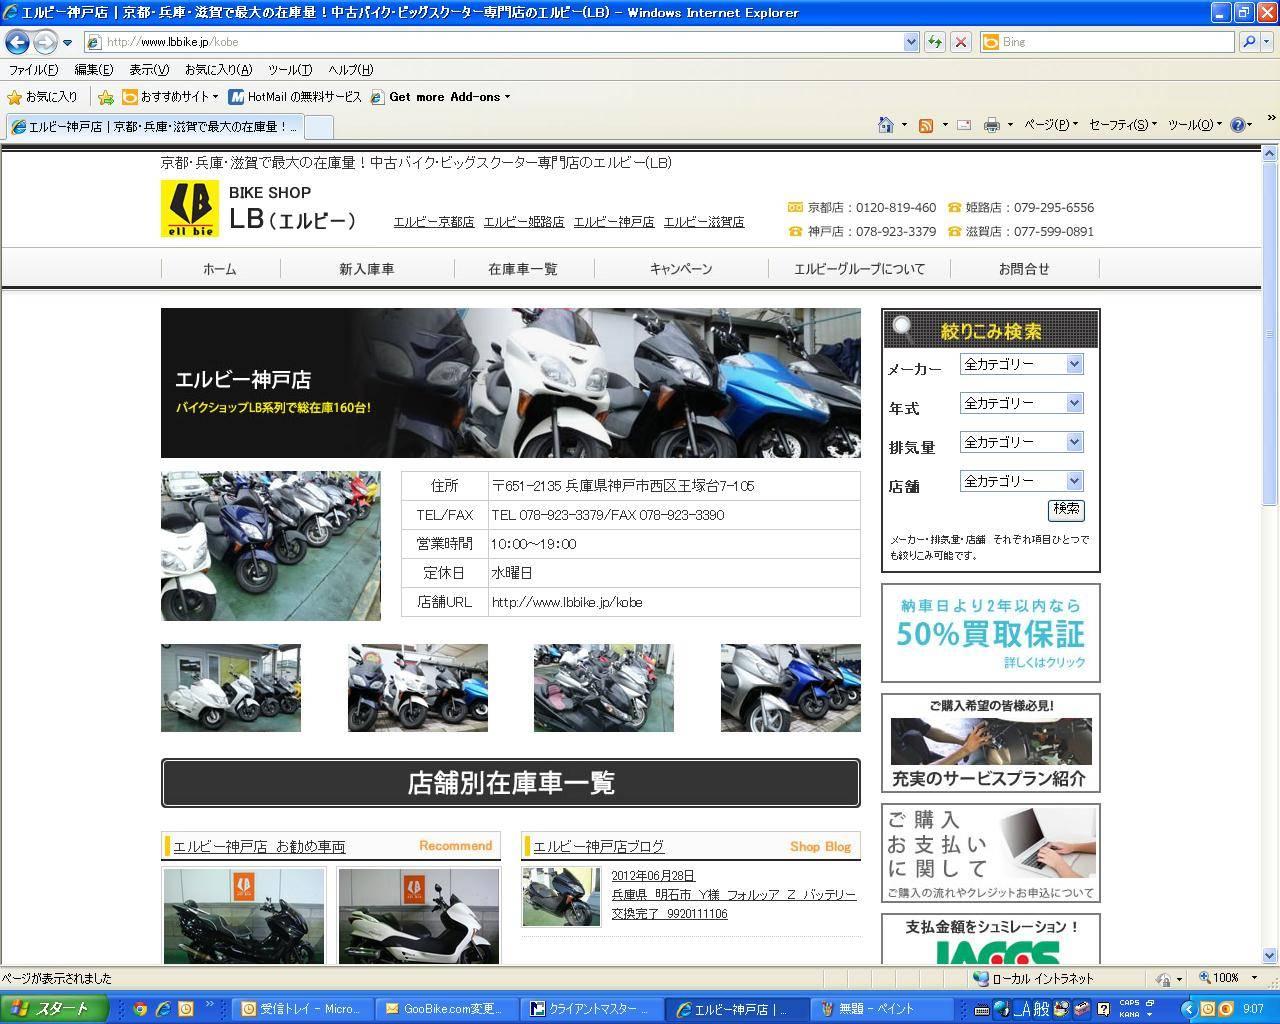 バイクショップLB(エルビー) 神戸店